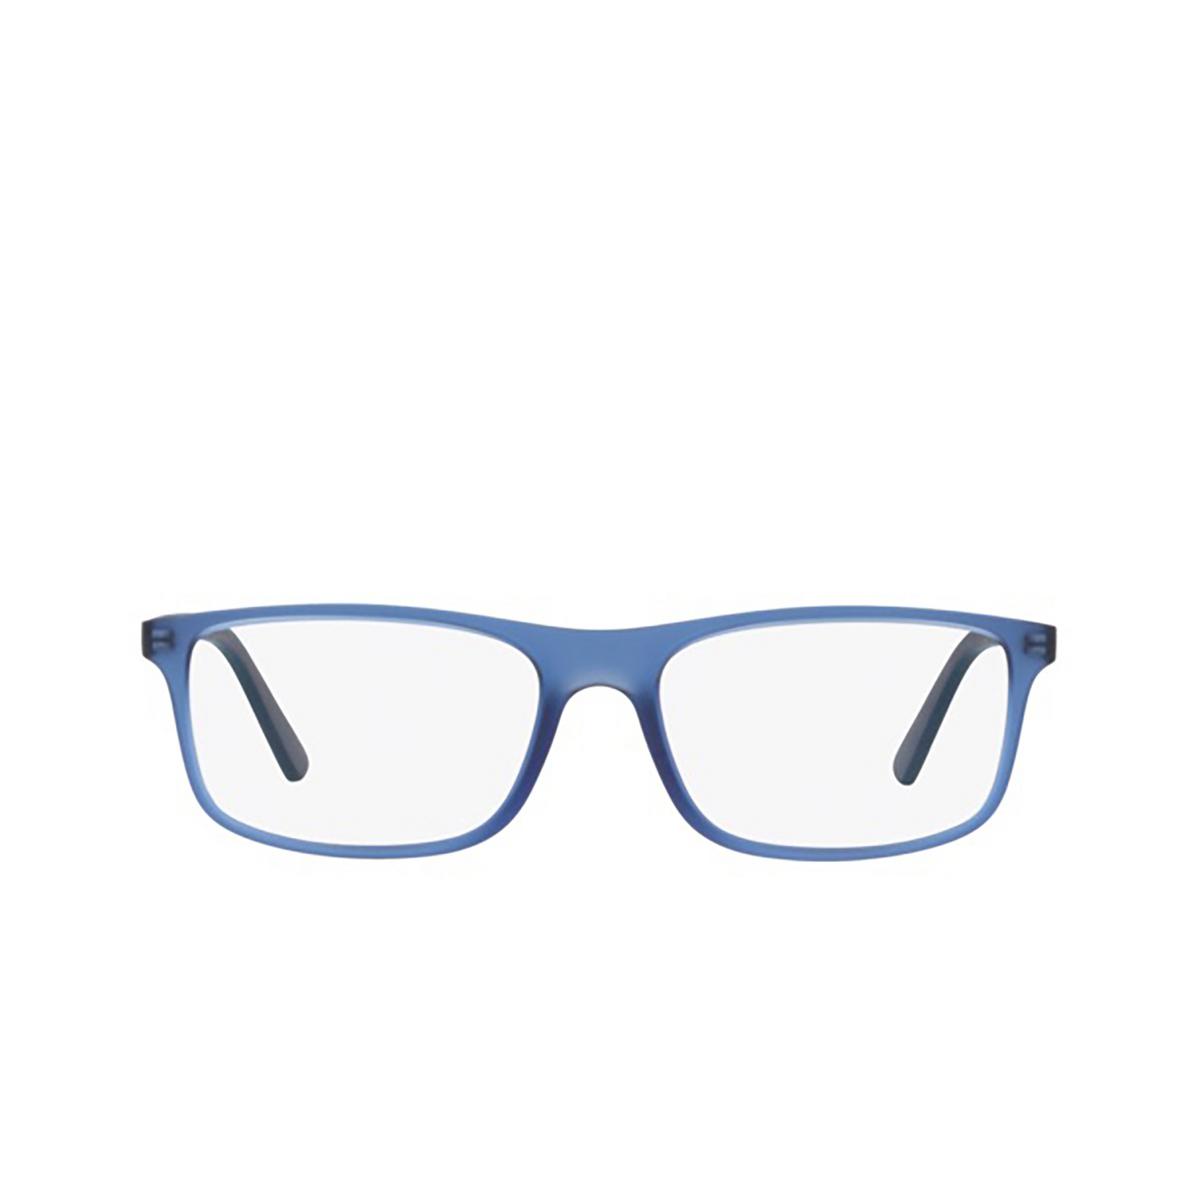 Polo Ralph Lauren® Rectangle Eyeglasses: PH2197 color Matte Transparent Blue 5735 - front view.